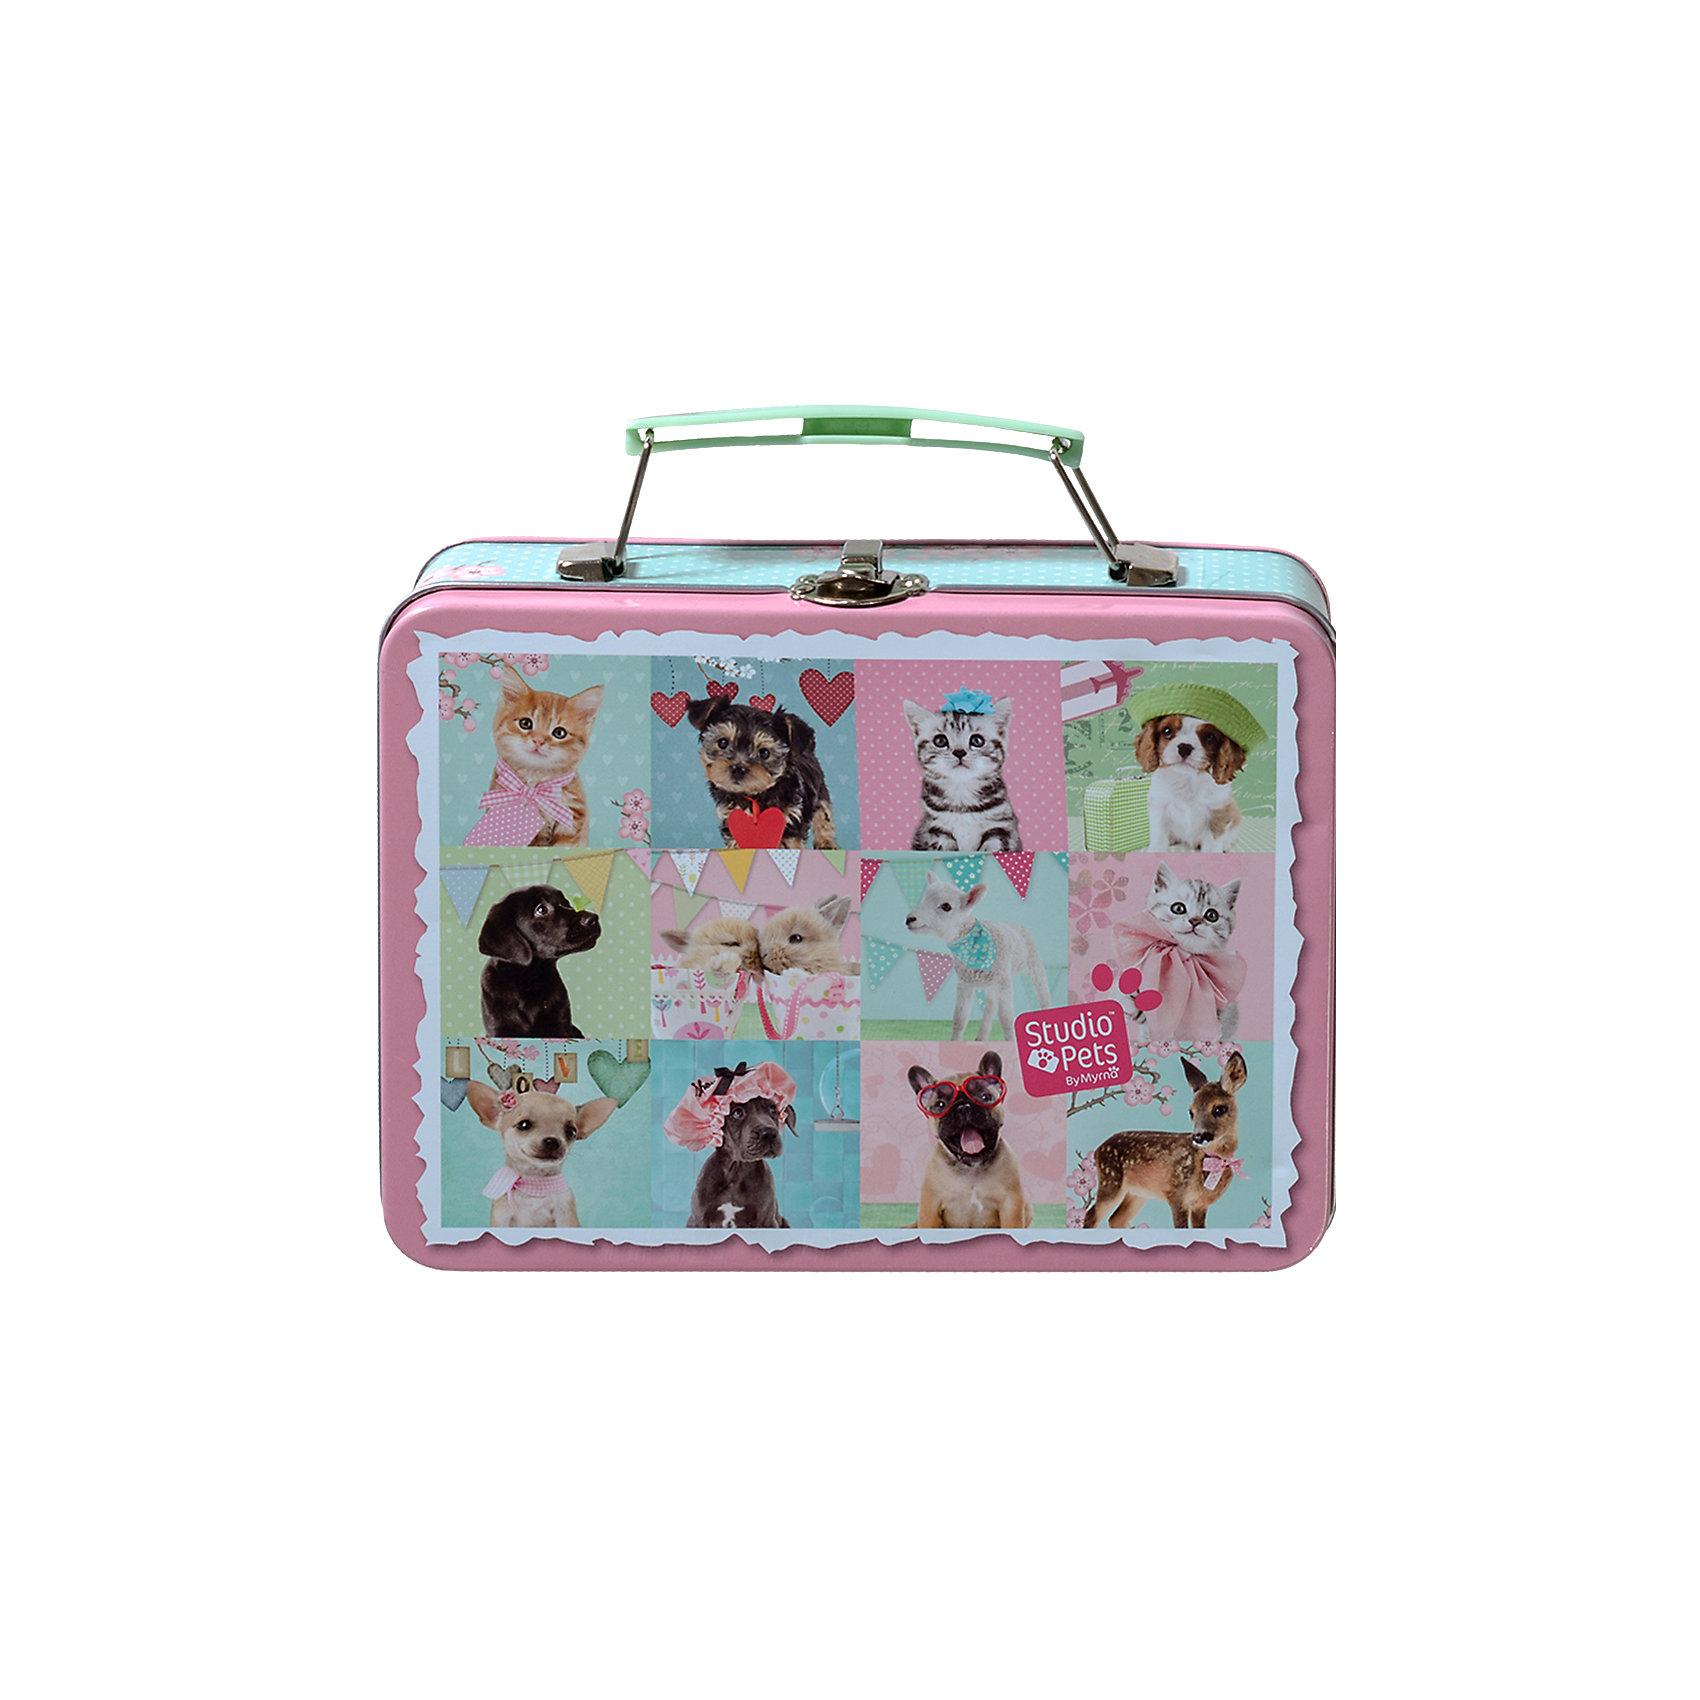 Набор для творчества Магниты со щенкамиПринадлежности для творчества<br>Набор для творчества в оловянном чемоданчике с замком, который можно использовать как коробку для завтраков станет прекрасным подарком для девочки. С этим чудесным набором малышка сможет создать красивые магниты с изображениями милых зверушек. Наборы для творчества - один из самых увлекательных способов развить мелкую моторику рук, фантазию, воображение и проявить творческие способности ребенка.<br><br>Дополнительная информация:<br><br>- Материал: пластик, текстиль, клей, фольга. <br>- Комплектация: 6 прозрачных шариков, самоклеящаяся магнитная фольга, несколько разноцветных бусинок, 6 разноцветных ленточек, клей, проволока, наклейки Домашние питомцы, инструкция.<br>- Что ты можешь сделать: 6 магнитов.<br><br>Набор для творчества Магниты можно купить в нашем магазине.<br><br>Ширина мм: 188<br>Глубина мм: 146<br>Высота мм: 61<br>Вес г: 279<br>Возраст от месяцев: 60<br>Возраст до месяцев: 120<br>Пол: Женский<br>Возраст: Детский<br>SKU: 3996509